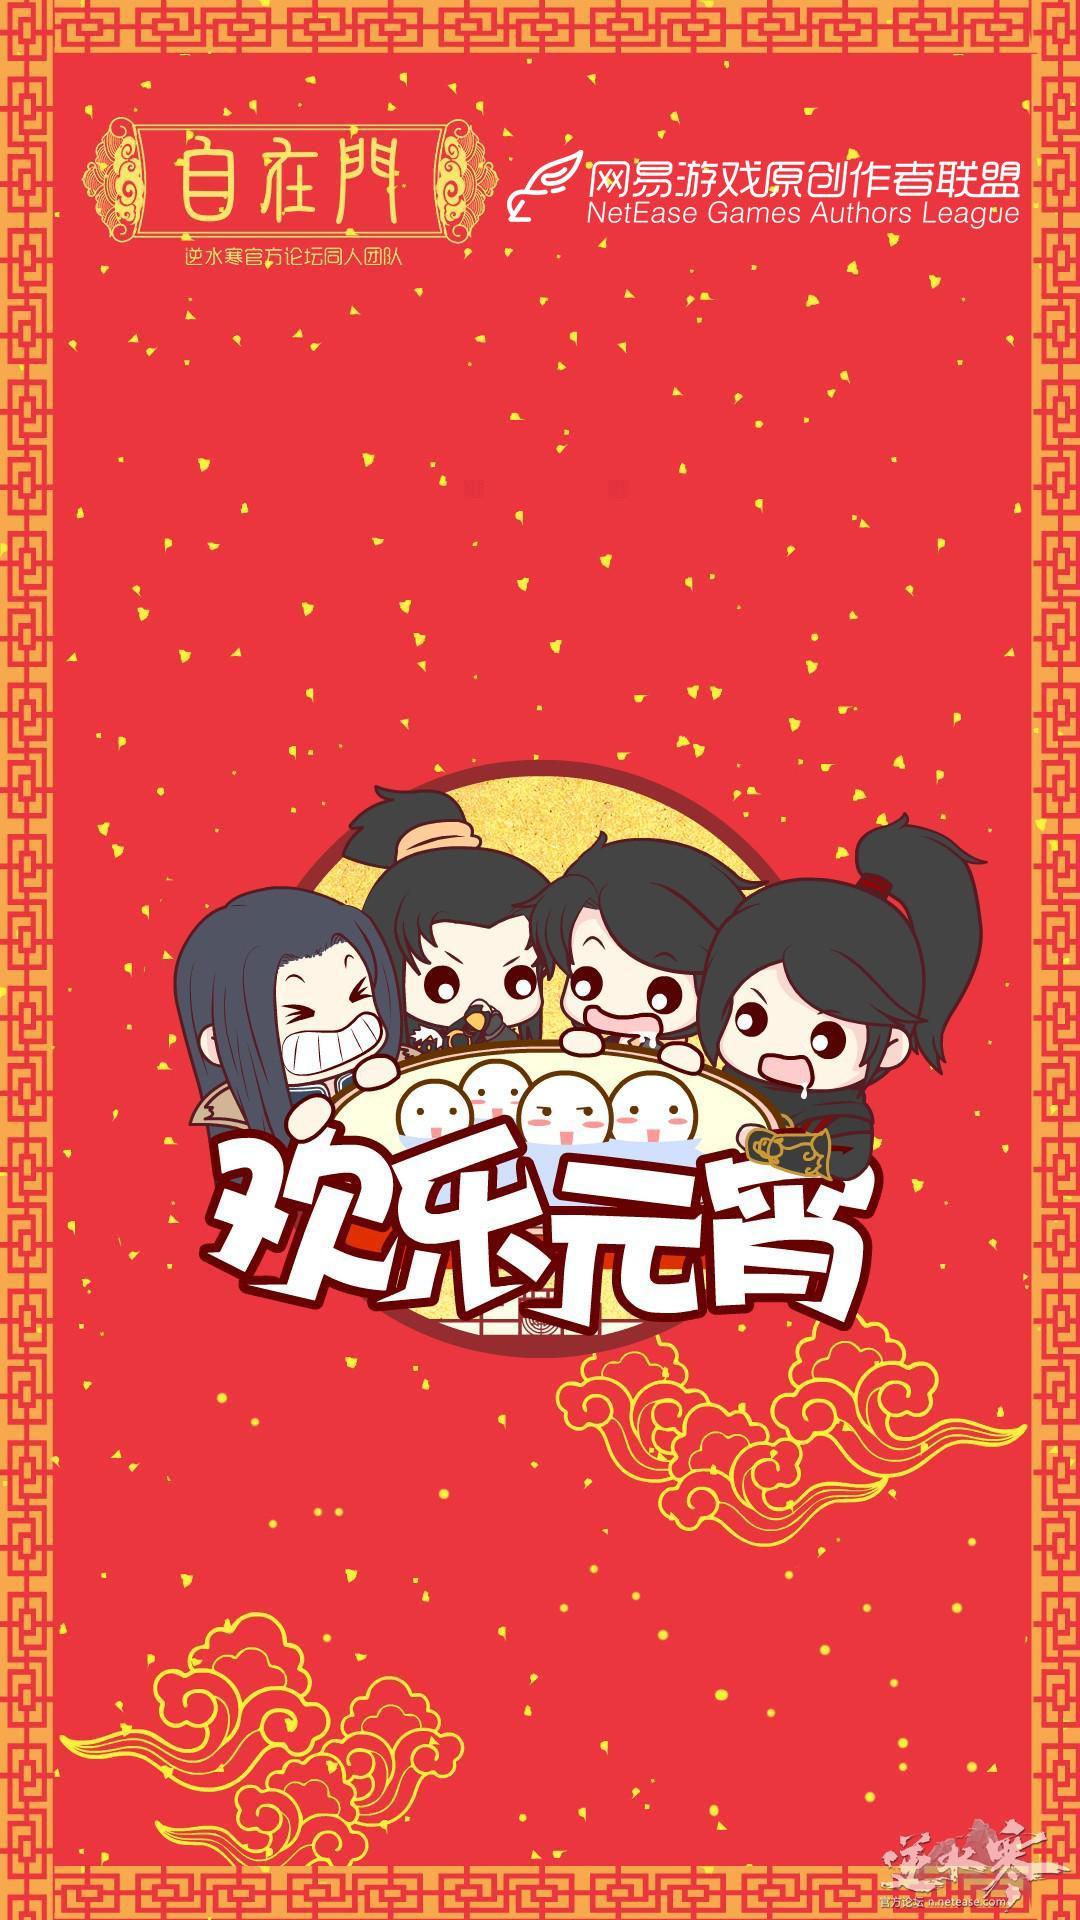 元宵节快乐!!四大名捕吃汤圆。【手绘】【自在门】